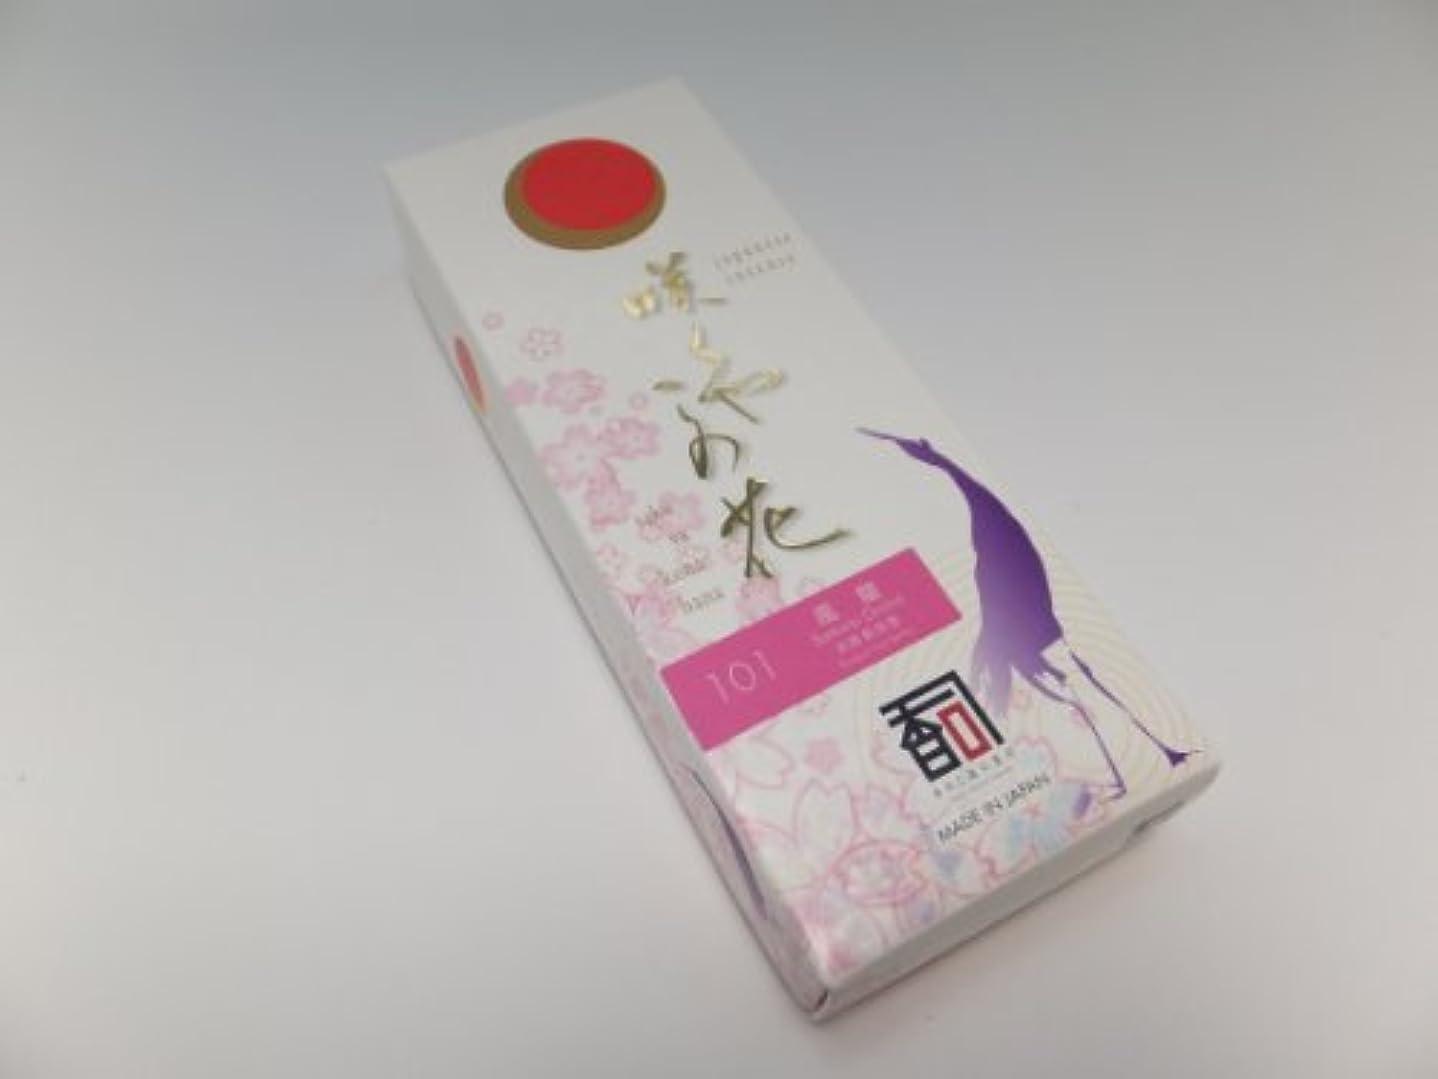 謎めいたドキドキ霧「あわじ島の香司」 日本の香りシリーズ  [咲くや この花] 【101】 風蘭 (煙少)